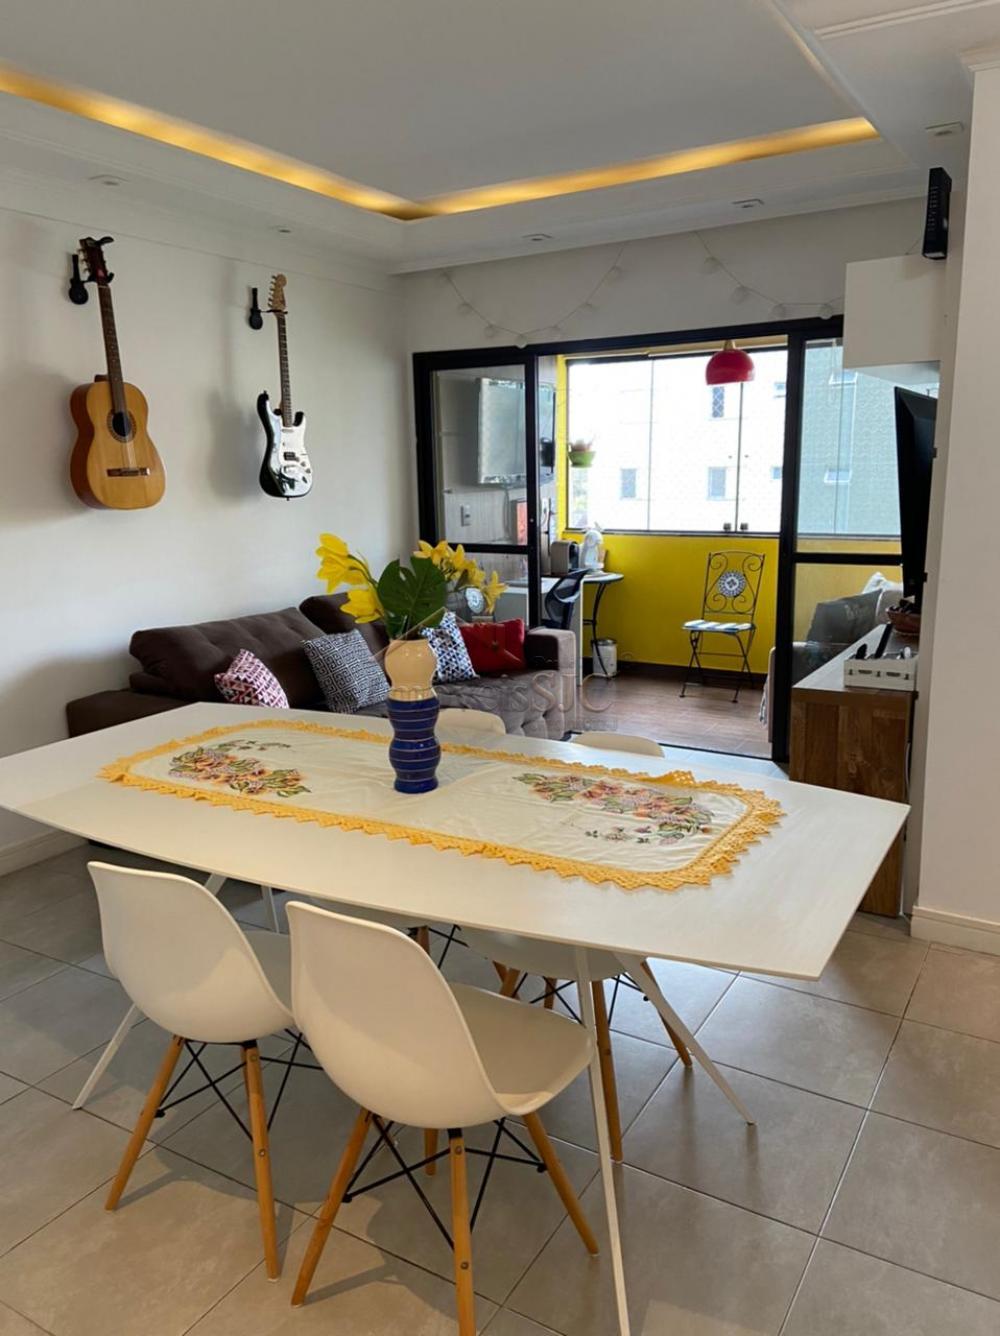 Sao Jose dos Campos Apartamento Venda R$470.000,00 Condominio R$697,00 3 Dormitorios 1 Suite Area construida 90.00m2